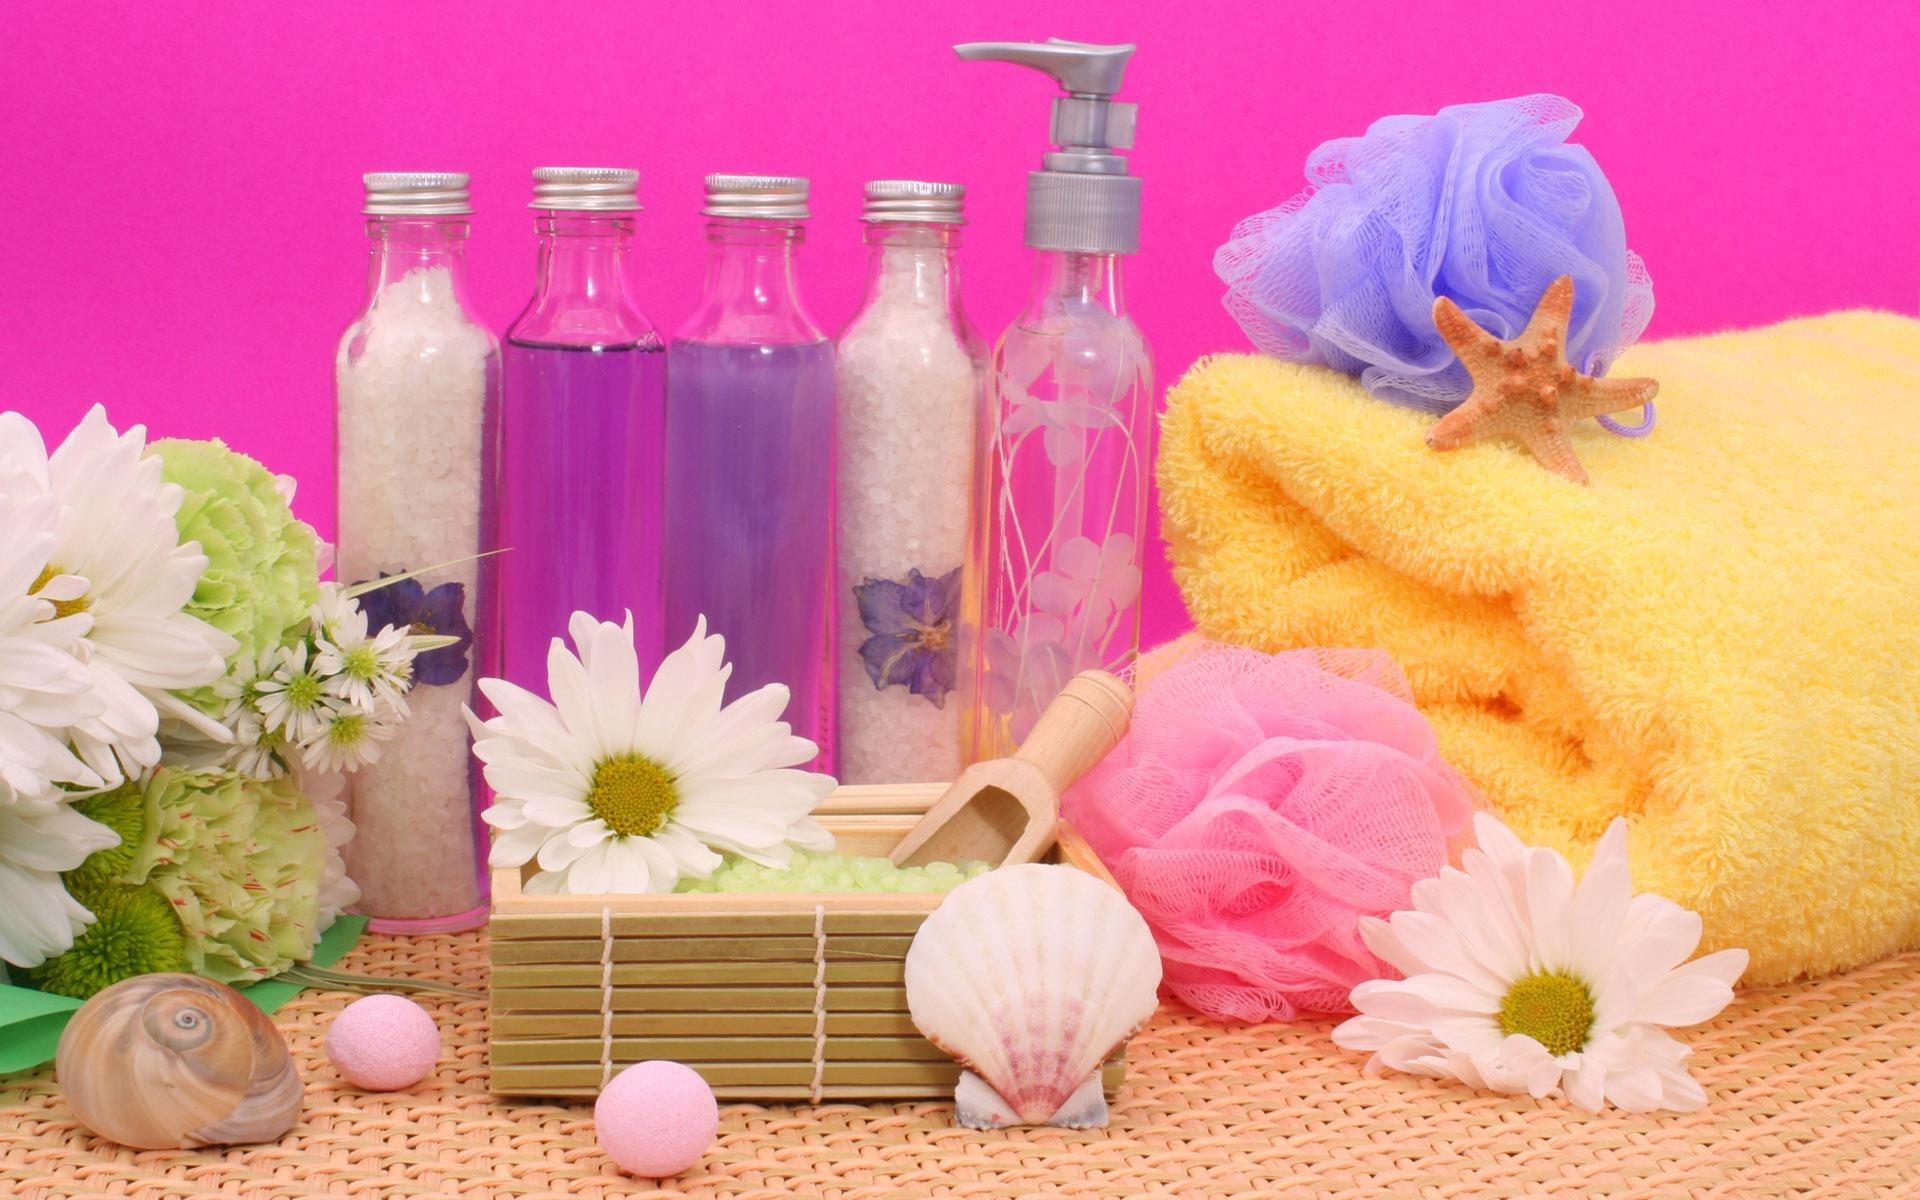 ароматический шампунь морская соль флаконы  № 1495247 бесплатно